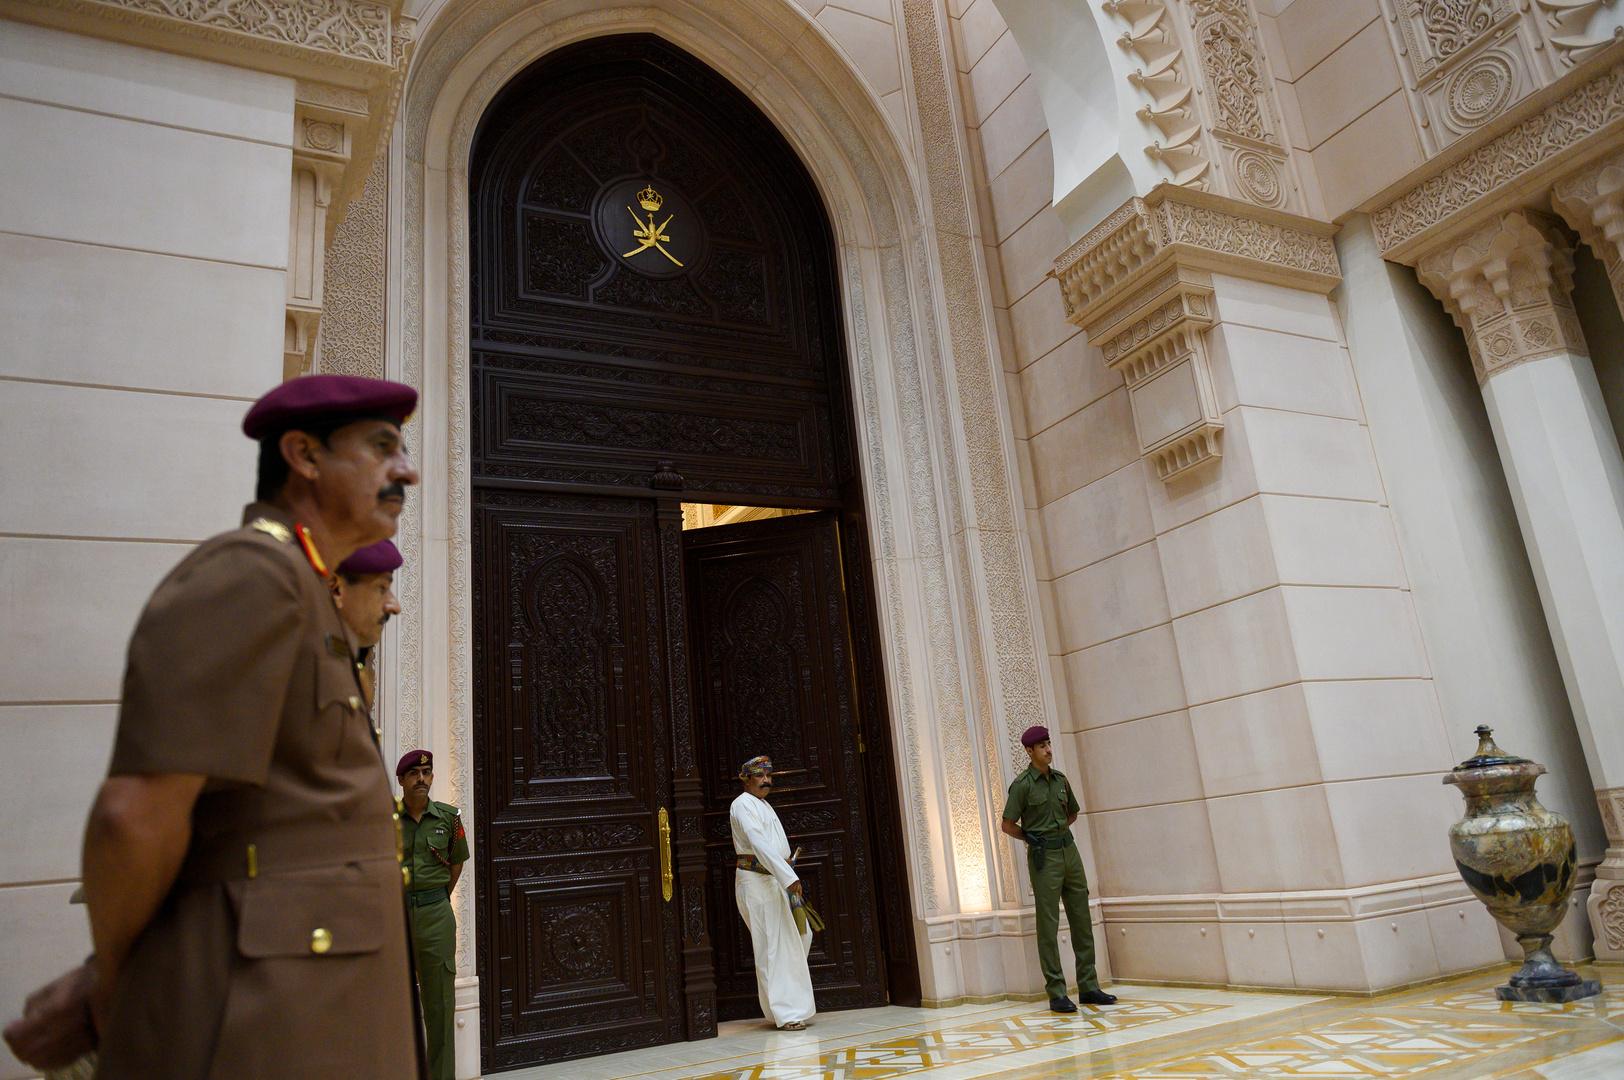 سلطنة عمان تدعو واشنطن وطهران إلى تغليب لغة الحوار بعد اغتيال سليماني